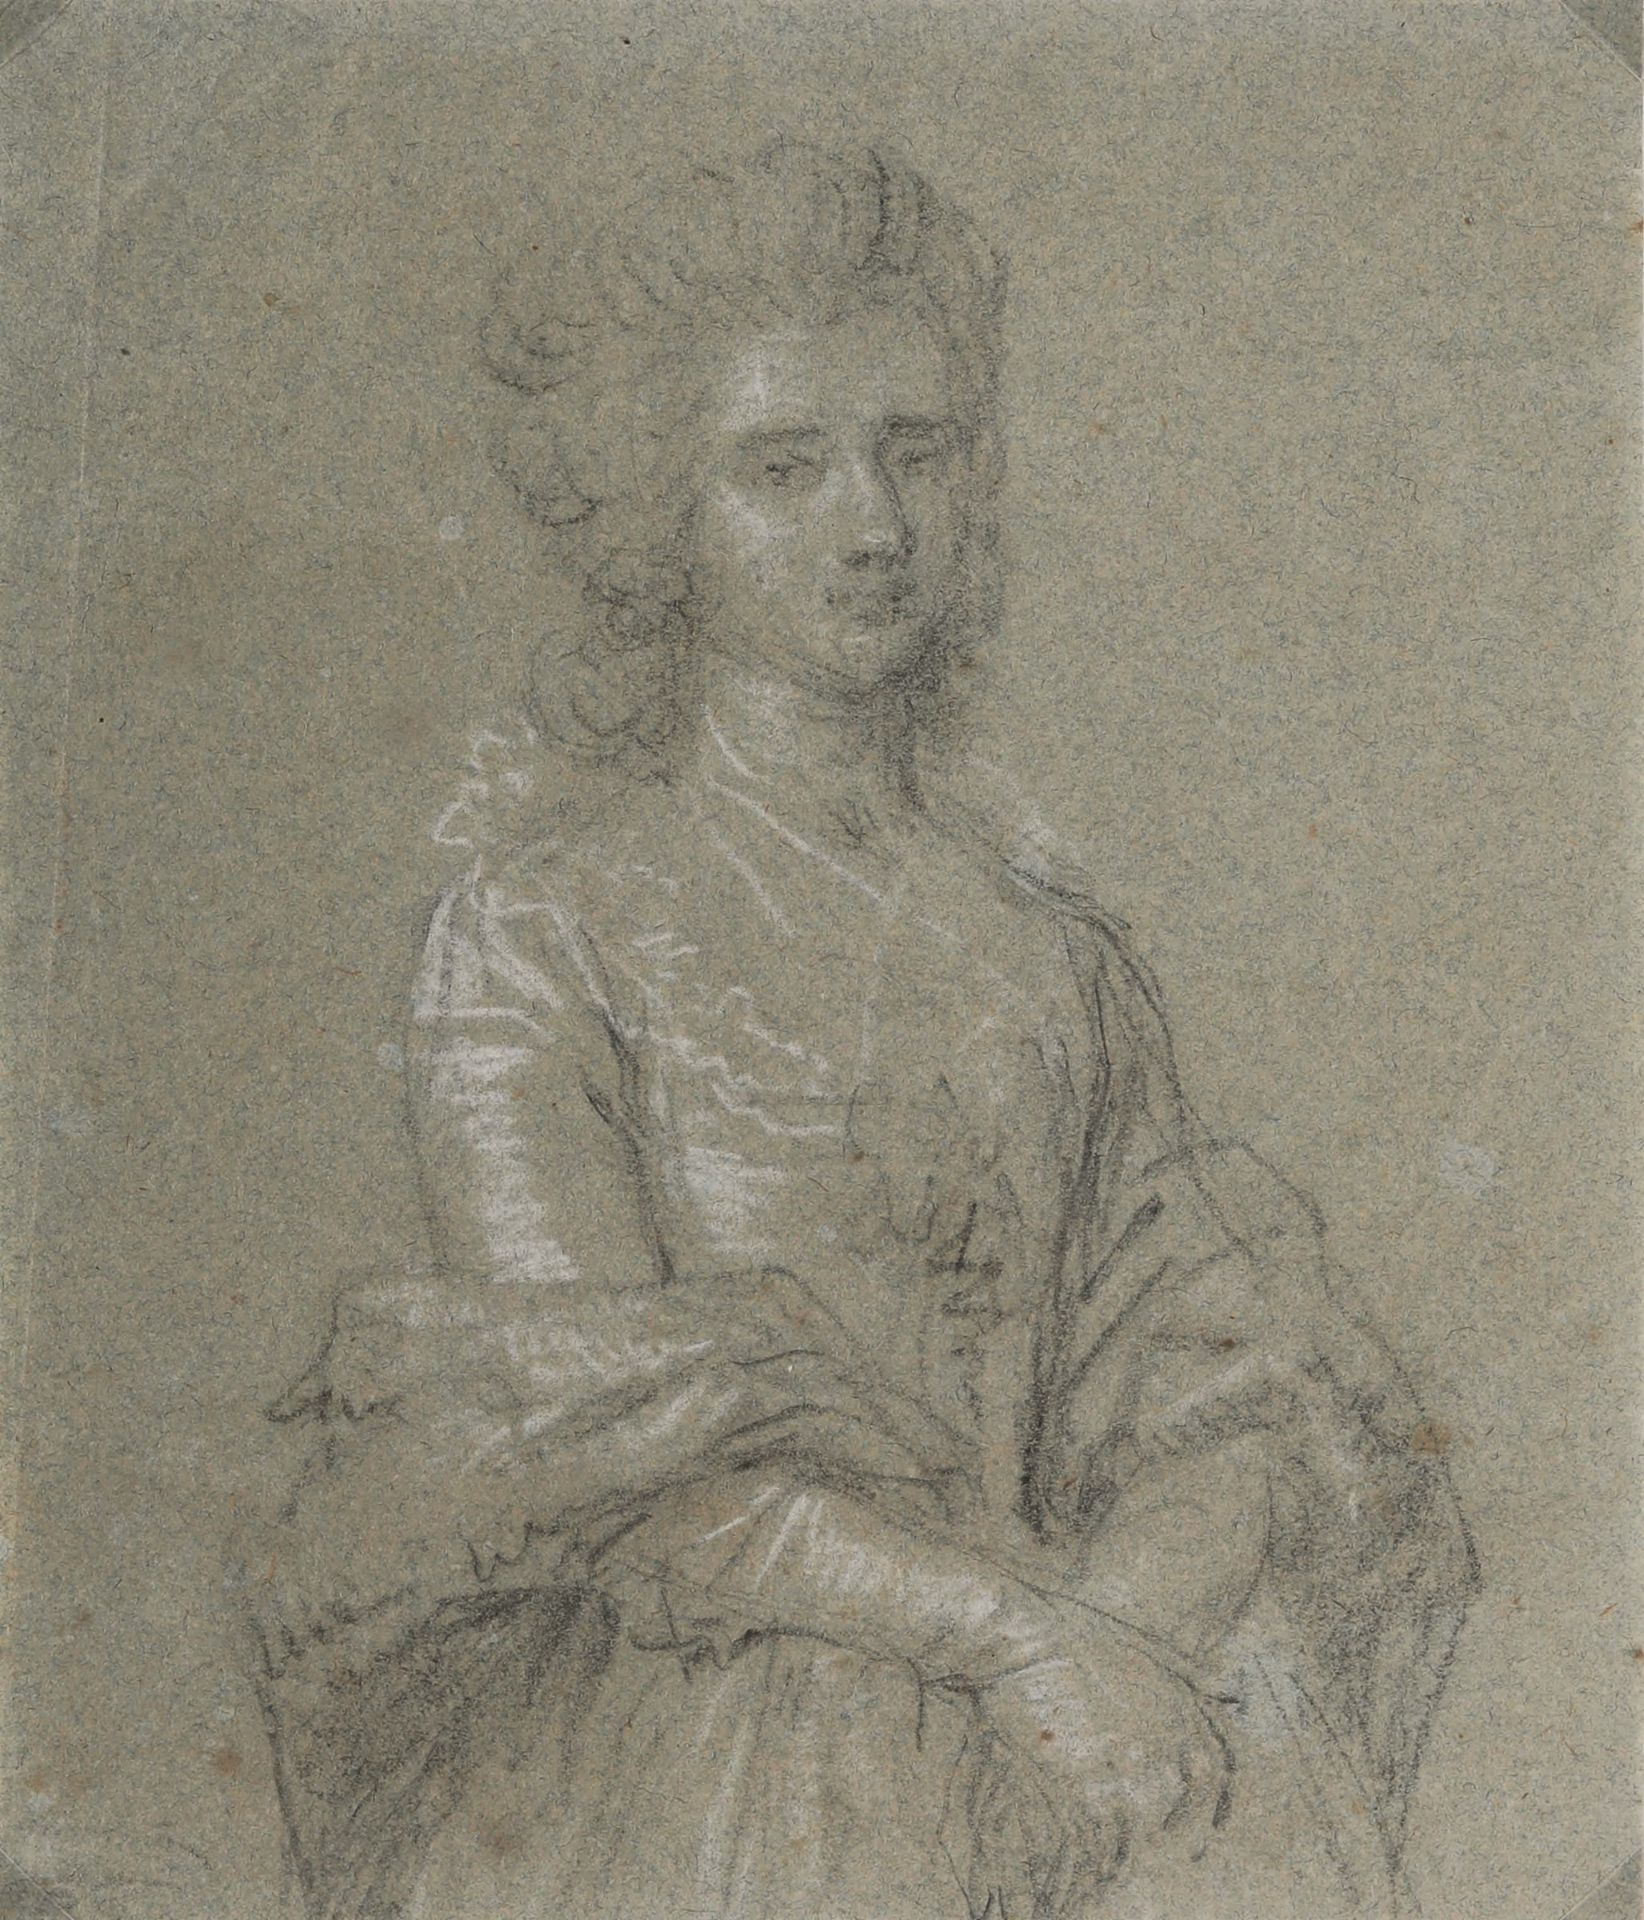 Los 1 - Pietro Longhi (Venezia 1702-1785), Ritratto femminile - matita nera e gessetto bianco [...]